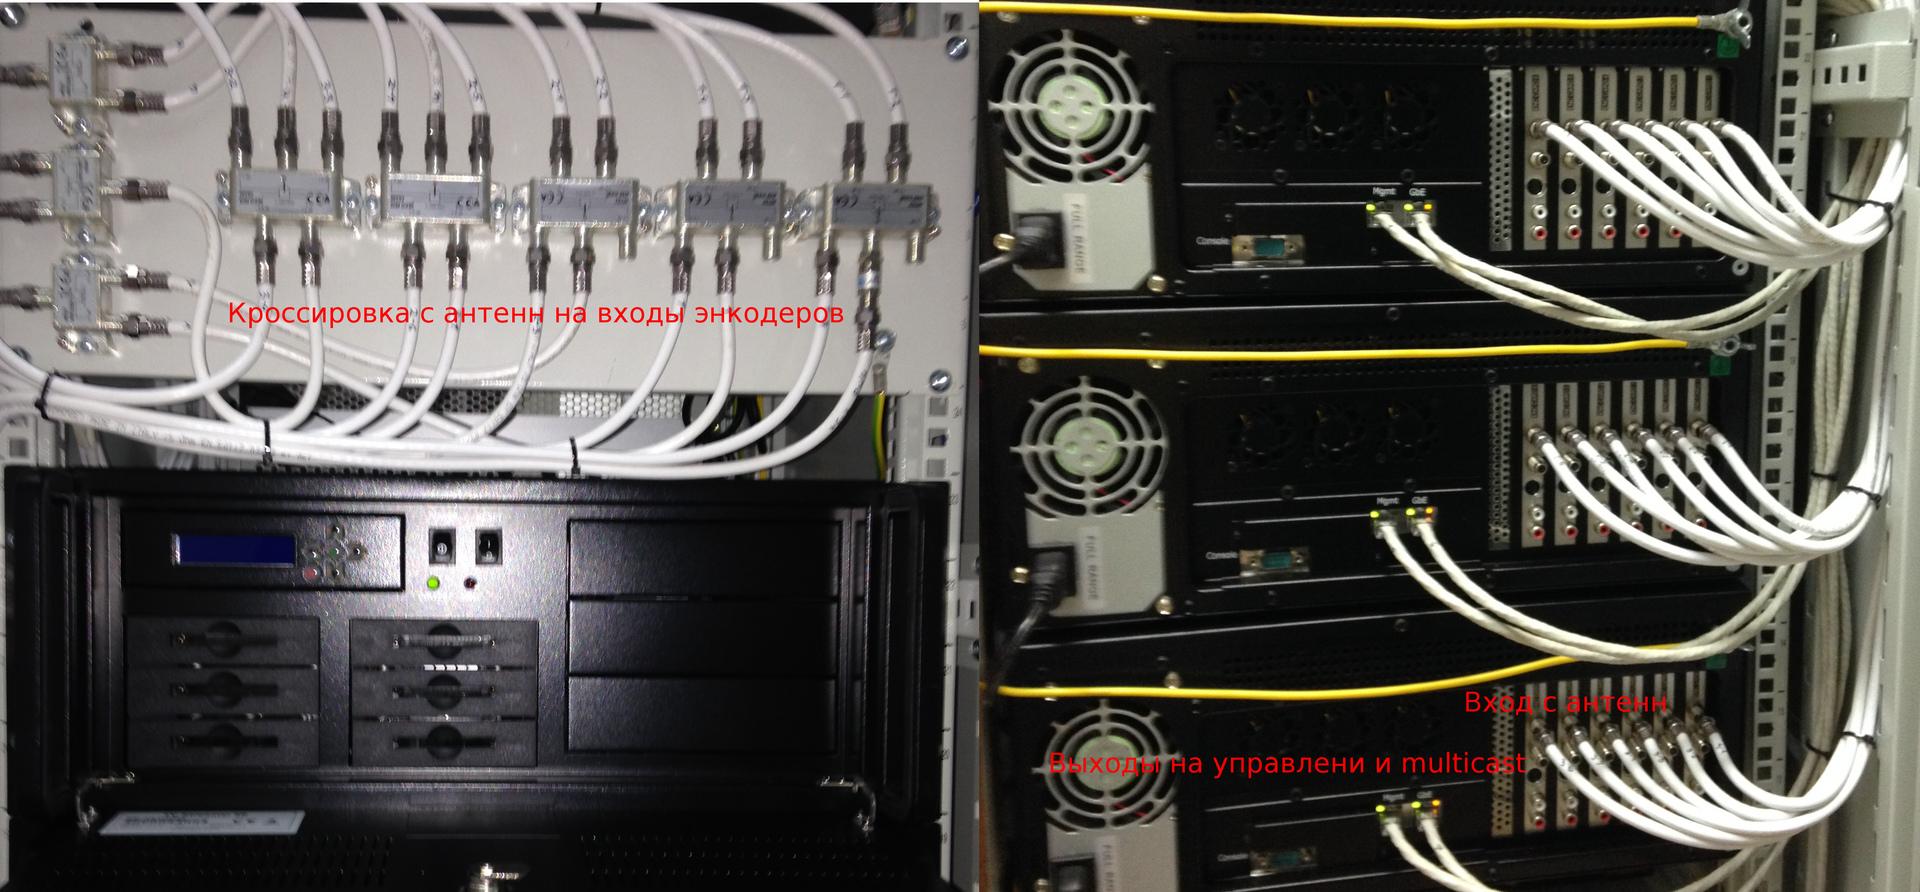 Что внутри головной станции кабельного телевидения